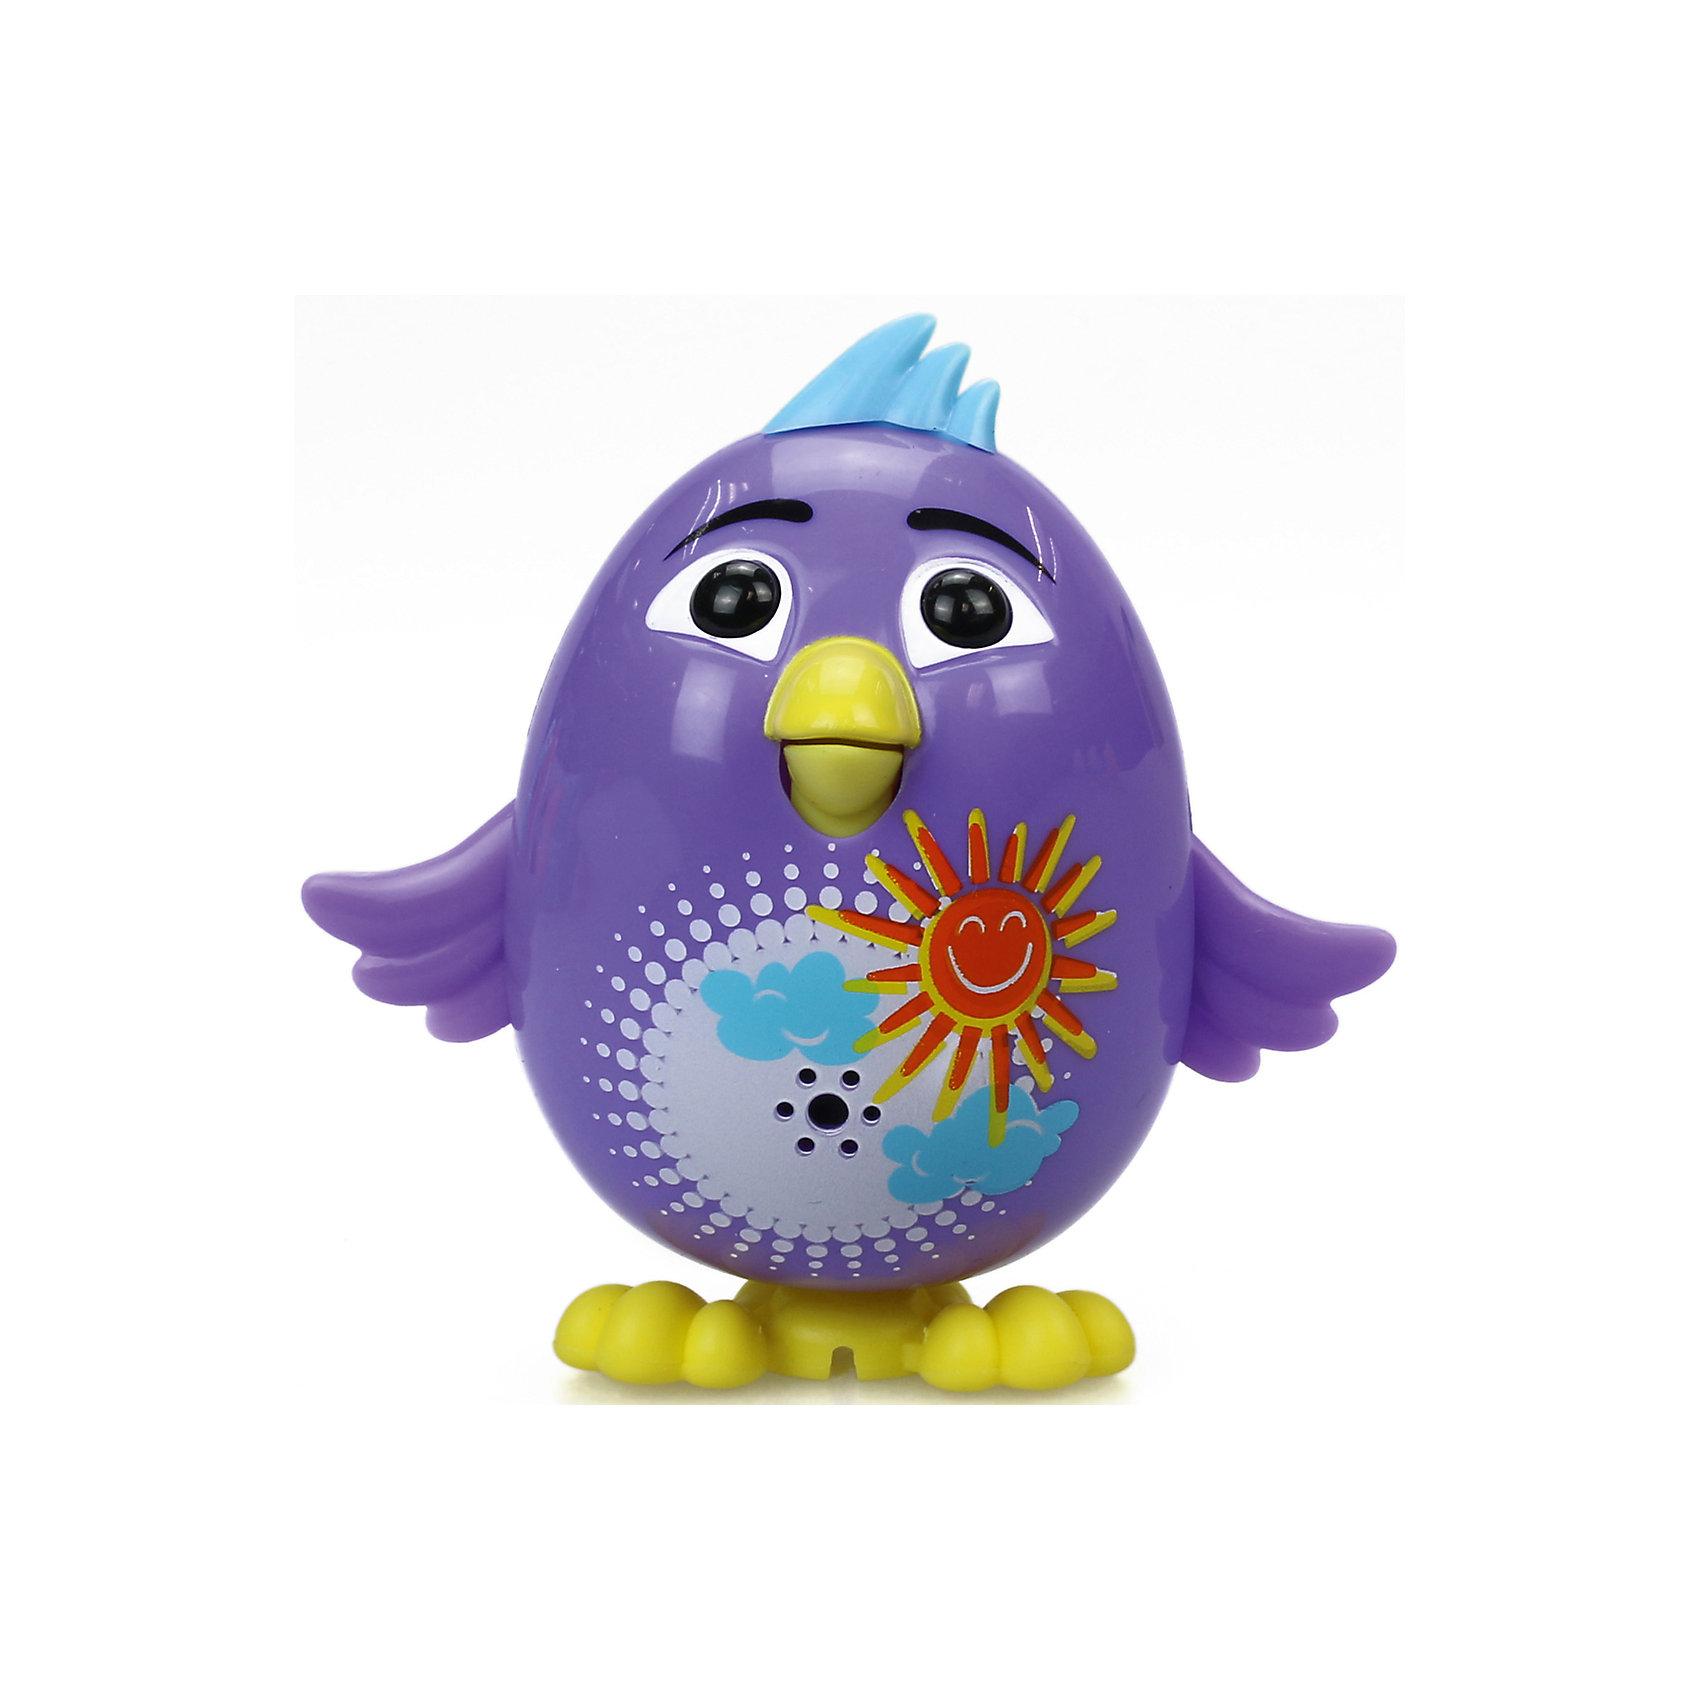 Цыпленок с кольцом Violet, фиолетовый, DigiBirdsИнтерактивные животные<br>Характеристики товара:<br><br>- цвет: фиолетовый;<br>- материал: пластик, металл;<br>- батарейки: 3xAG13/LR44, в комплекте;<br>- размер упаковки: 10x6x15 см;<br>- габариты игрушки: 6 см;<br>- умеет петь.<br><br>Такая игрушка в виде цыпленка поможет ребенку весело проводить время - она умеет петь. Это выглядит очень забавно! Игрушка реагирует на звук от специального свистка, который входит в комплект. Также можно приобрести другие игрушки из этой серии - тогда они будут петь хором!<br>Цыпленок способен помогать всестороннему развитию ребенка: развивать тактильное восприятие, мелкую моторику, воображение, внимание и логику. Изделие произведено из качественных материалов, безопасных для ребенка. Набор станет отличным подарком детям!<br><br>Цыпленка с кольцом Violet, фиолетовый, от бренда DigiBirds можно купить в нашем интернет-магазине.<br><br>Ширина мм: 200<br>Глубина мм: 102<br>Высота мм: 152<br>Вес г: 122<br>Возраст от месяцев: 36<br>Возраст до месяцев: 84<br>Пол: Женский<br>Возраст: Детский<br>SKU: 5138209